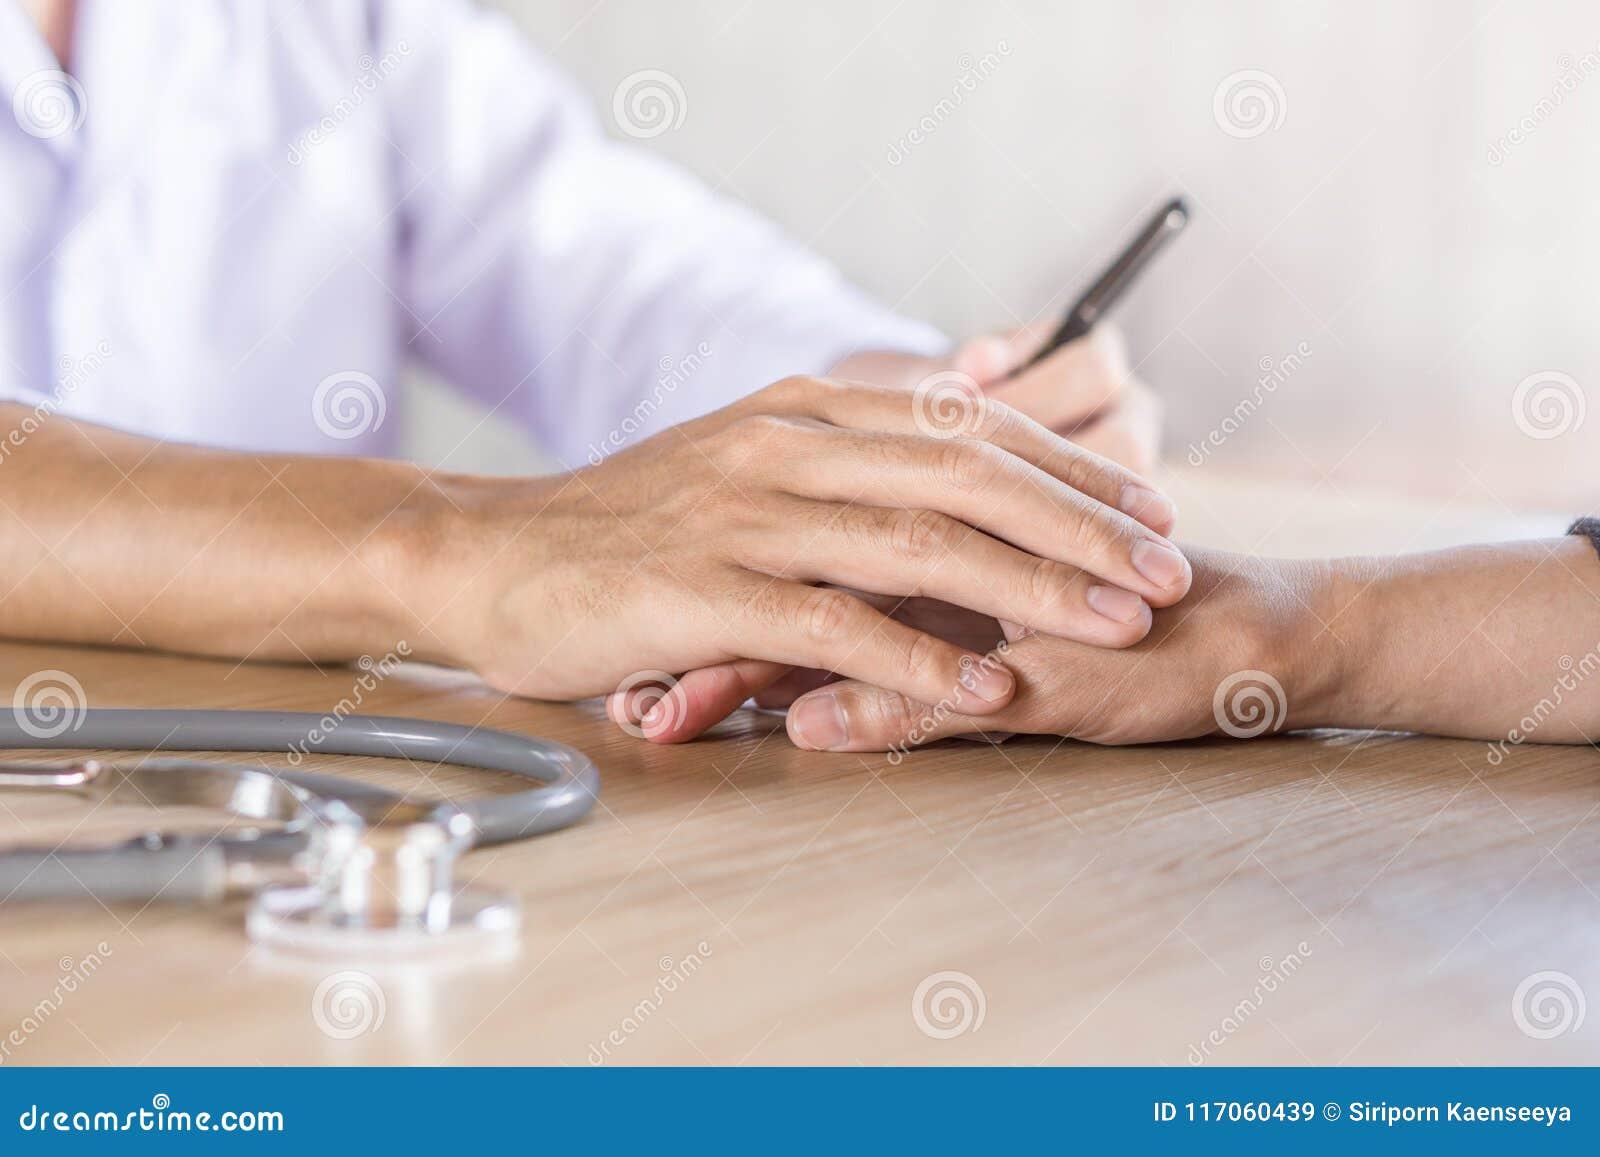 Αρσενικό χέρι εκμετάλλευσης γιατρών και ανακουφίζοντας ασθενής σε ένα νοσοκομείο